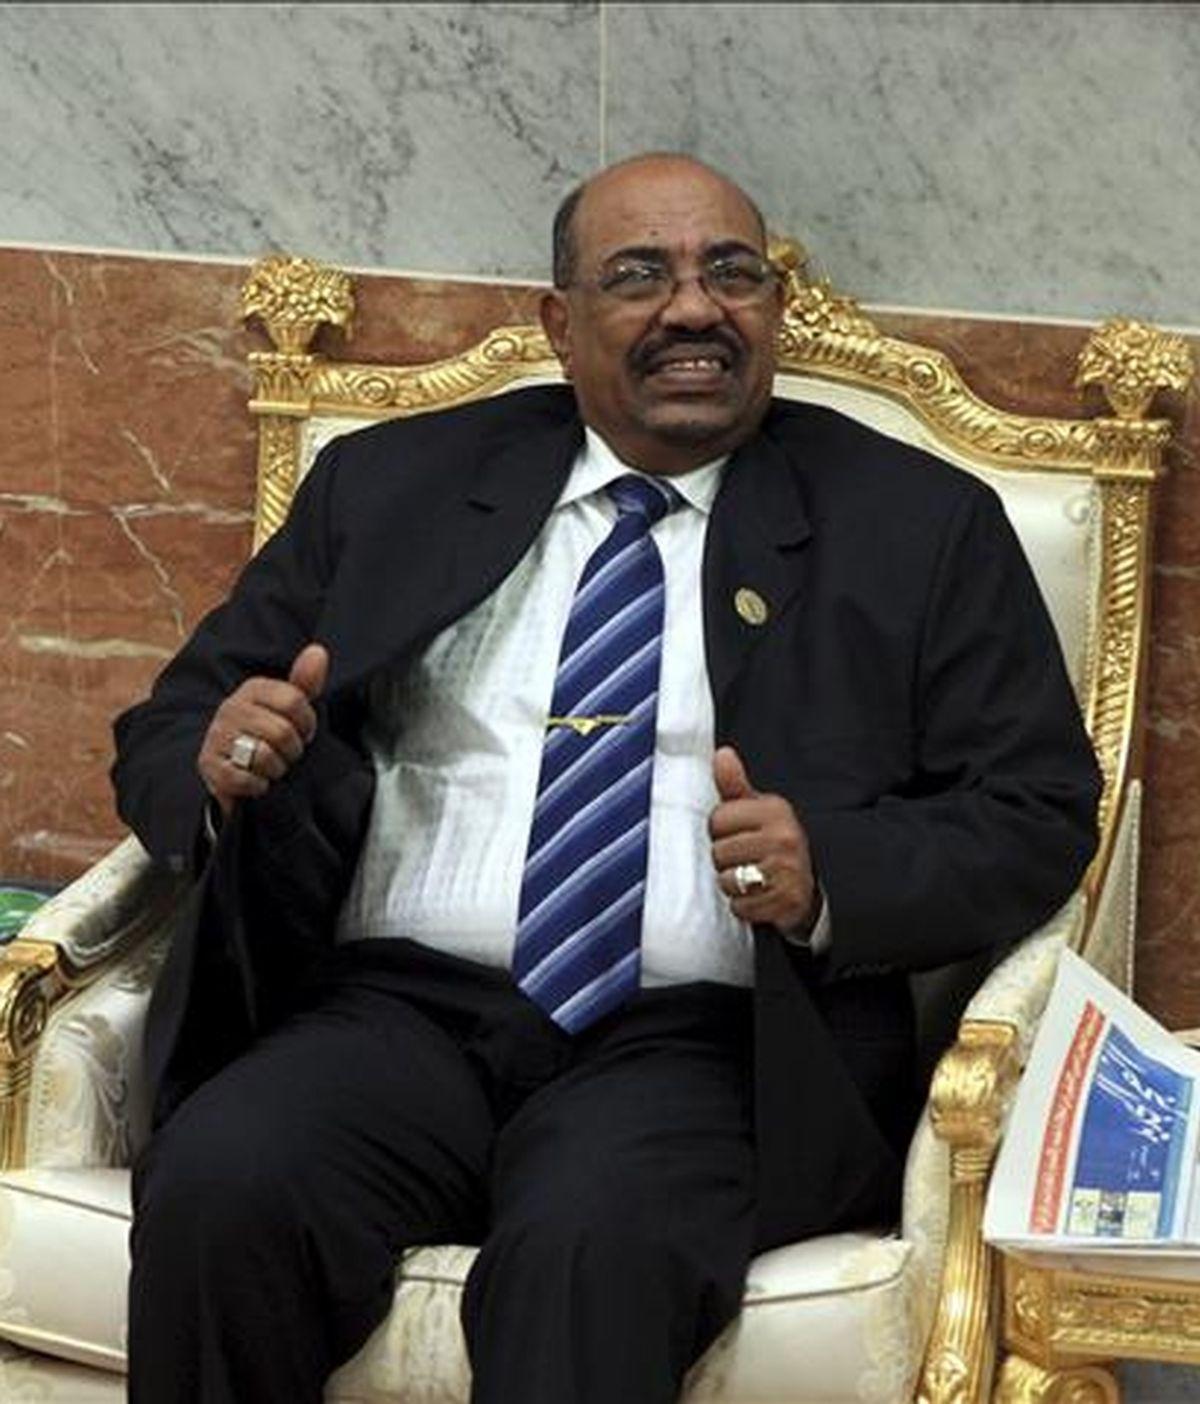 La Corte Penal Internacional (CPI) instó hoy a la República Centroafricana a arrestar al presidente sudanés, Omar Al Bashir, al que acusa de crímenes de guerra, en la visita que el mandatario tiene previsto hacer hoy a ese país. EFE/Archivo